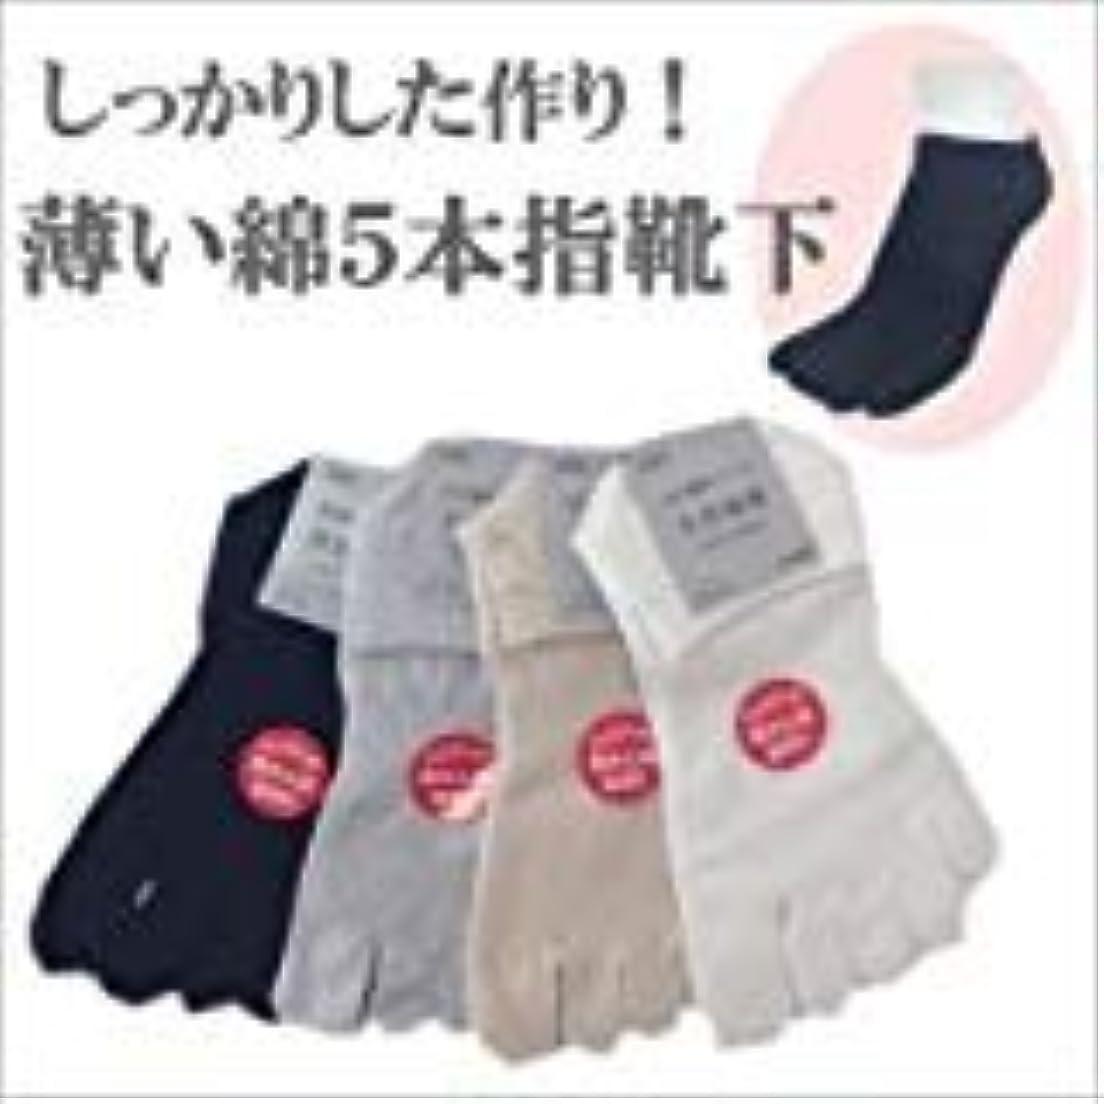 かもめみ批判する薄手 ショート丈 綿 5本指靴下 23-25cm 太陽ニット 337(オフホワイト)